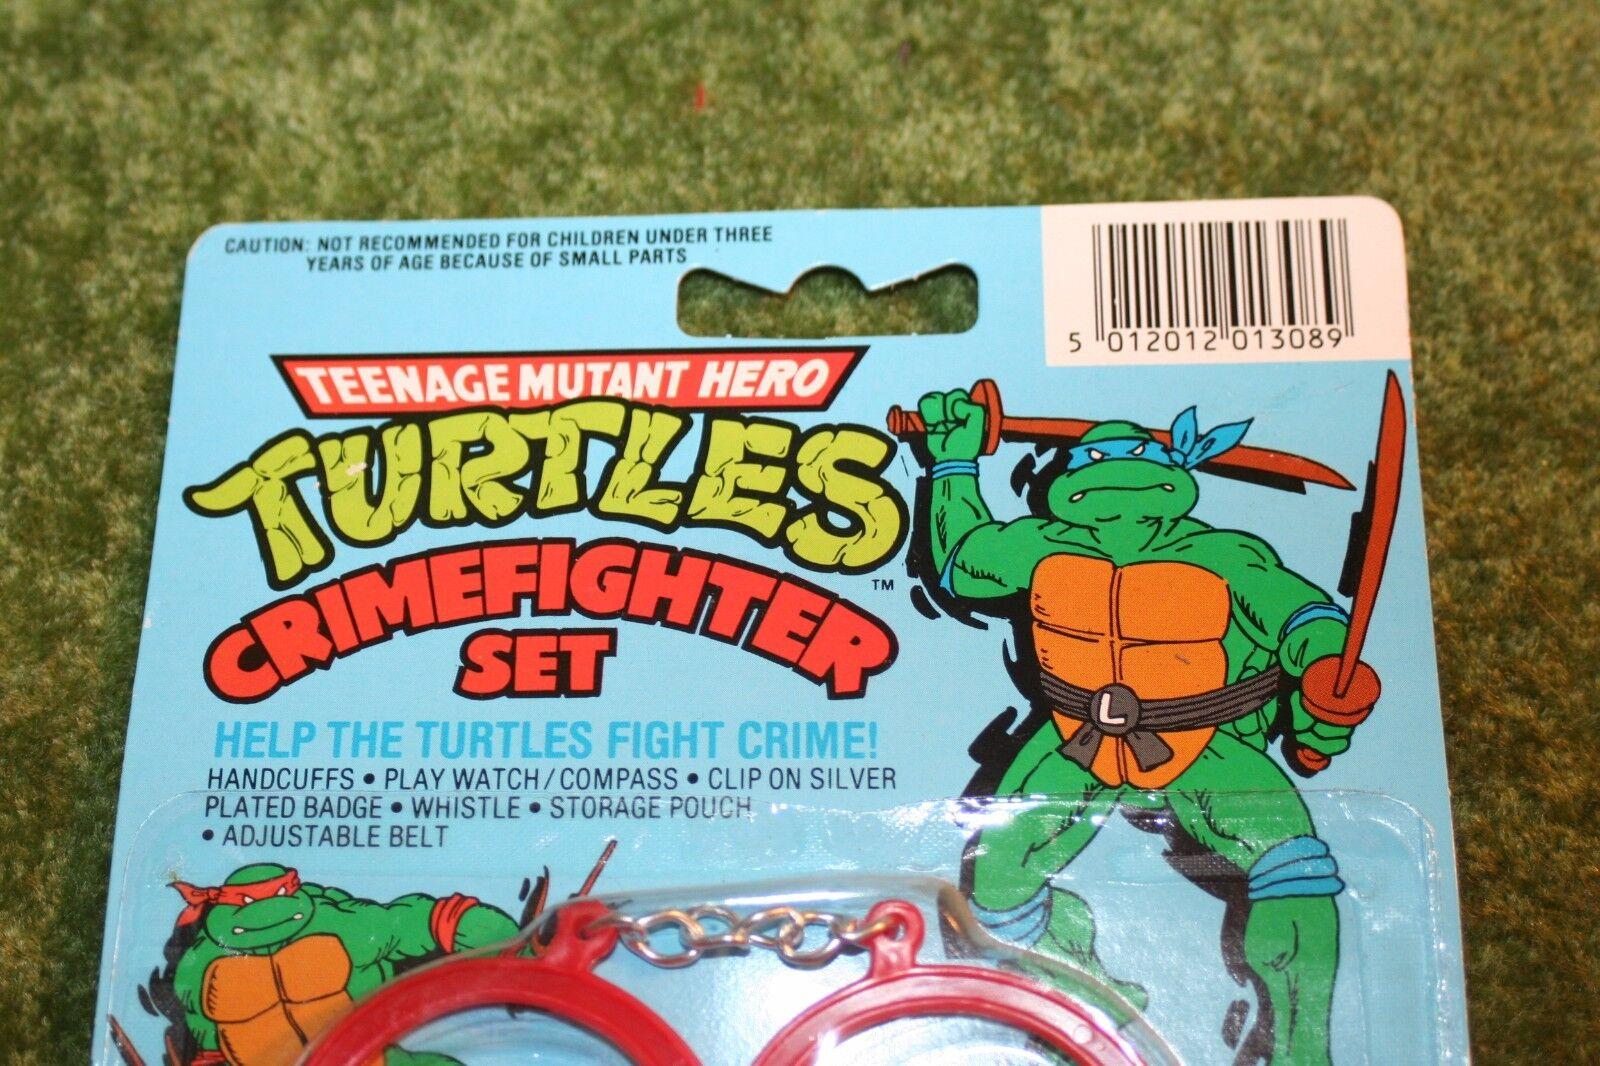 Teenage mutant ninja turtles Crimefighter set TMNT